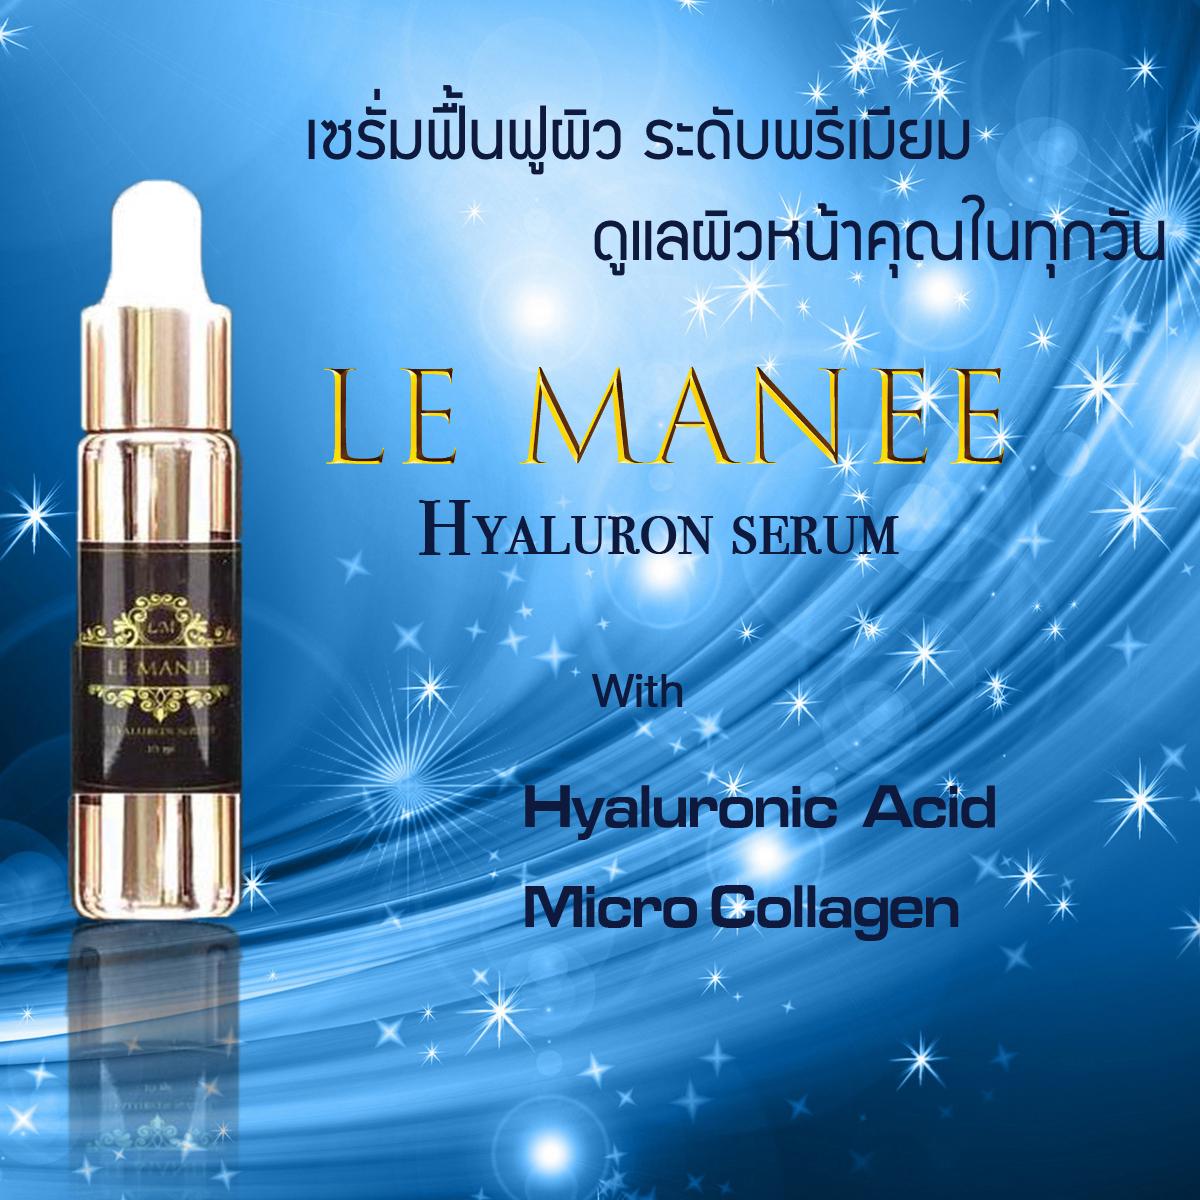 เลอมาณี (Le Manee) ไฮยาลูรอน